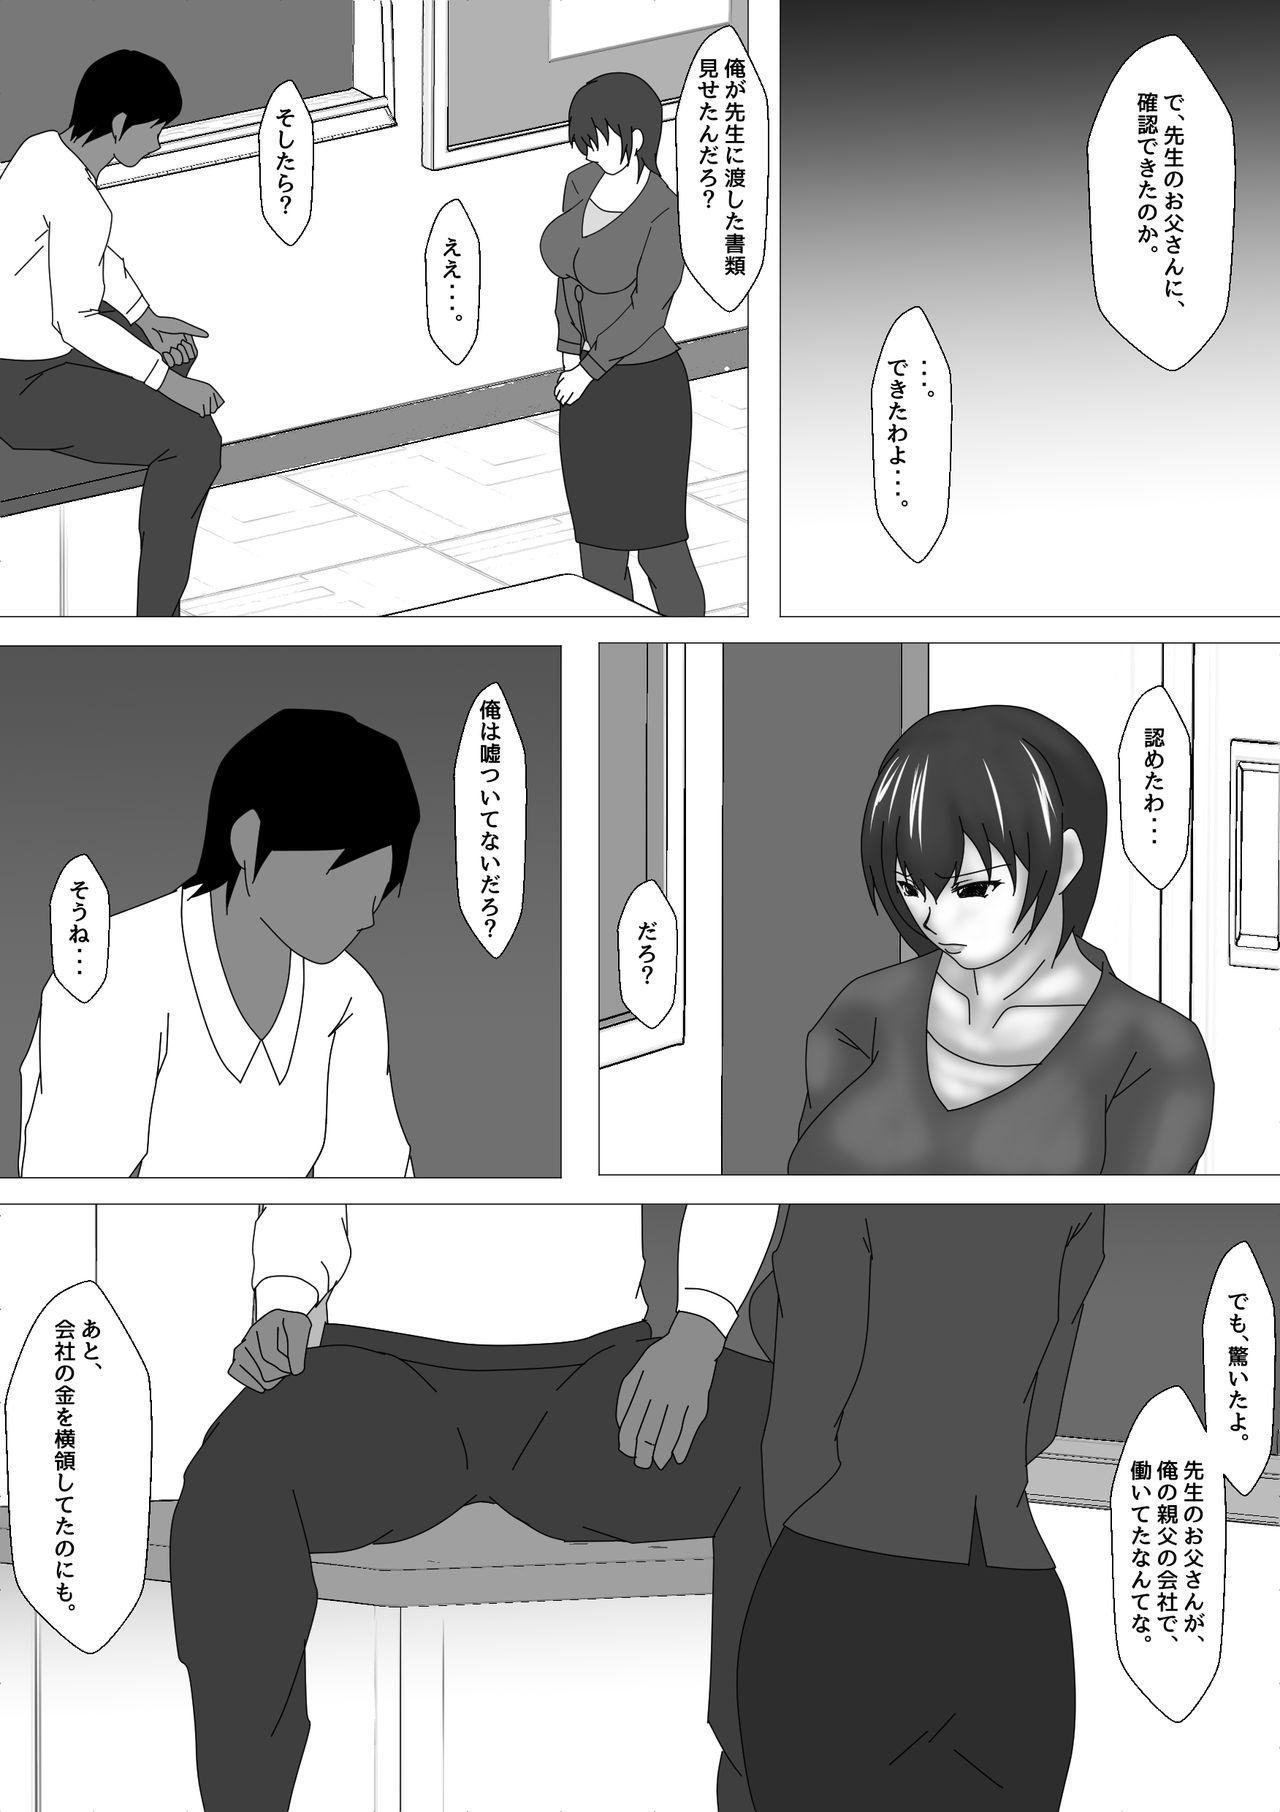 Onna Kyoushi Shinozaki Rin no Choukyou Kiroku 15